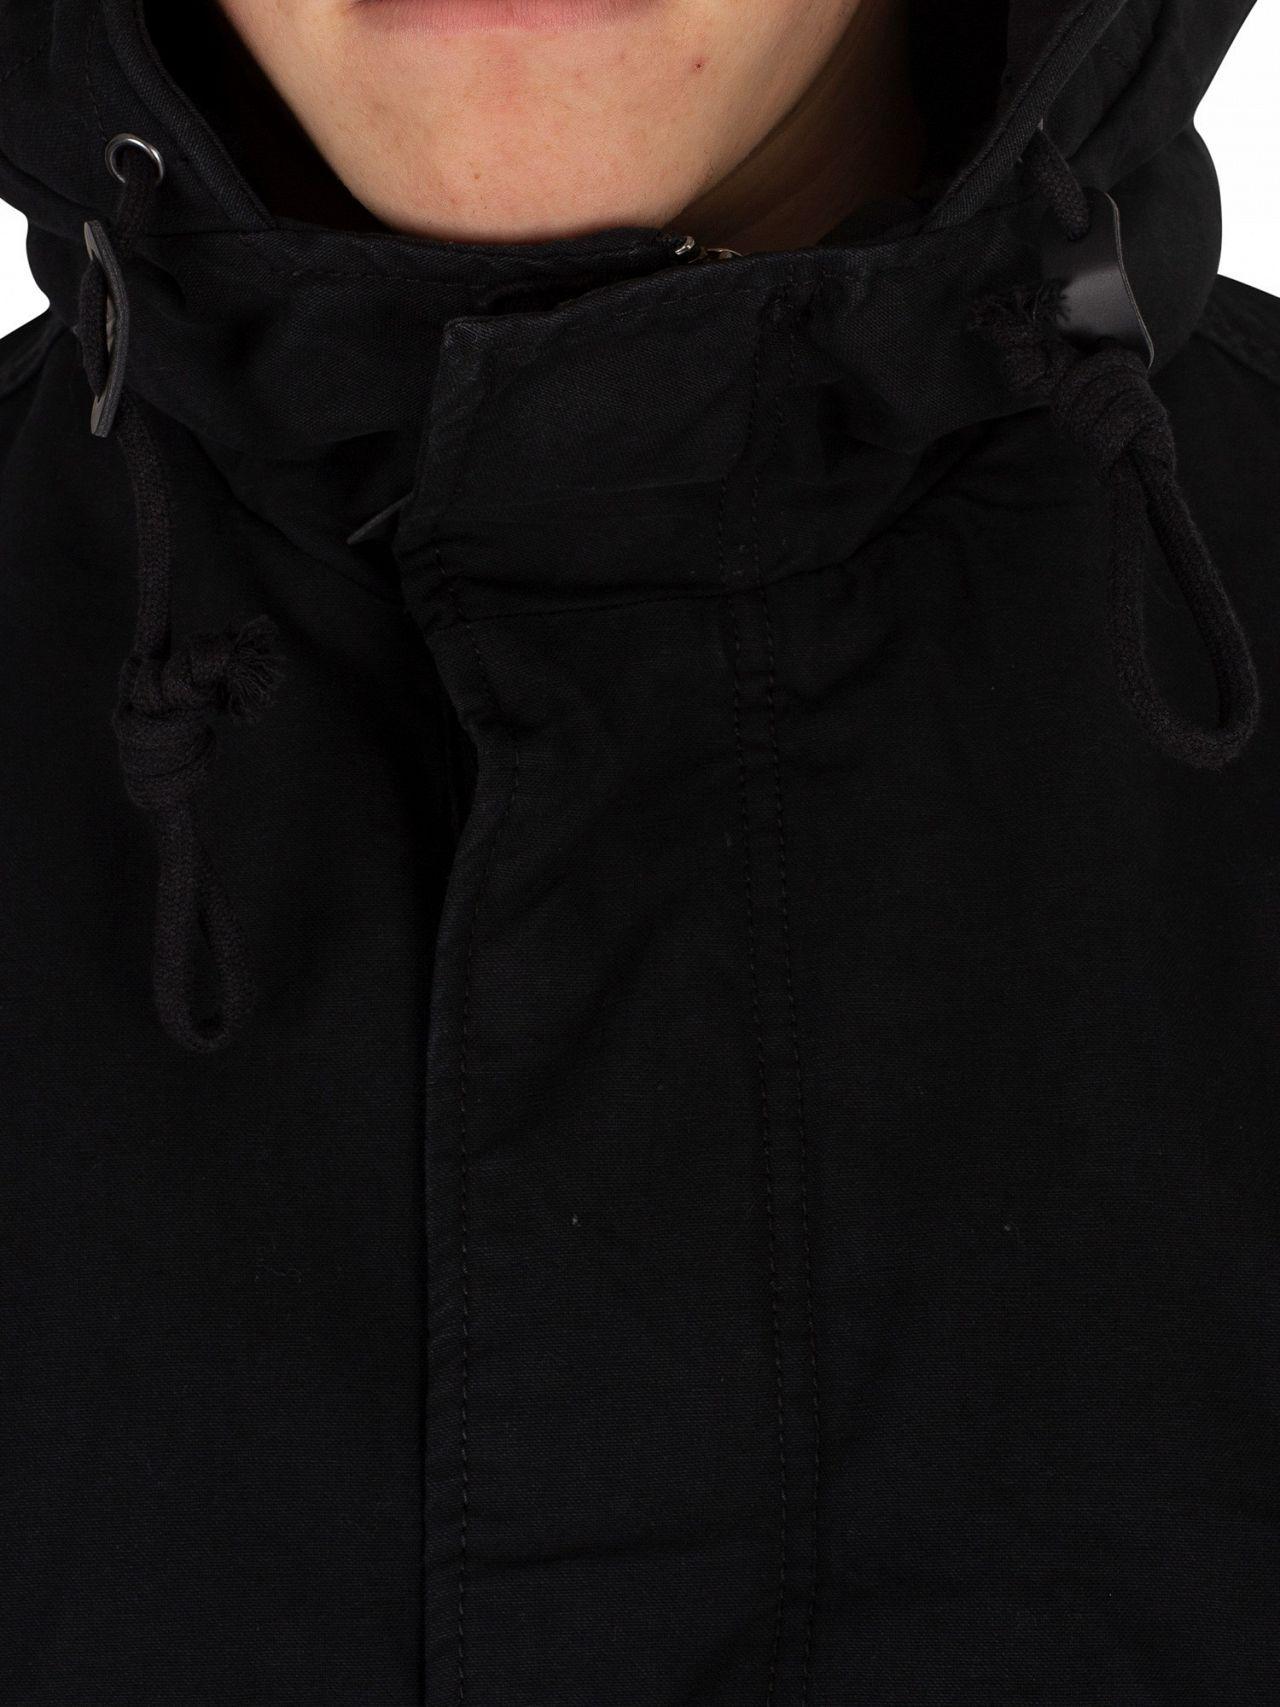 2dfbda4db Jack & Jones Black New Bento Parka Jacket